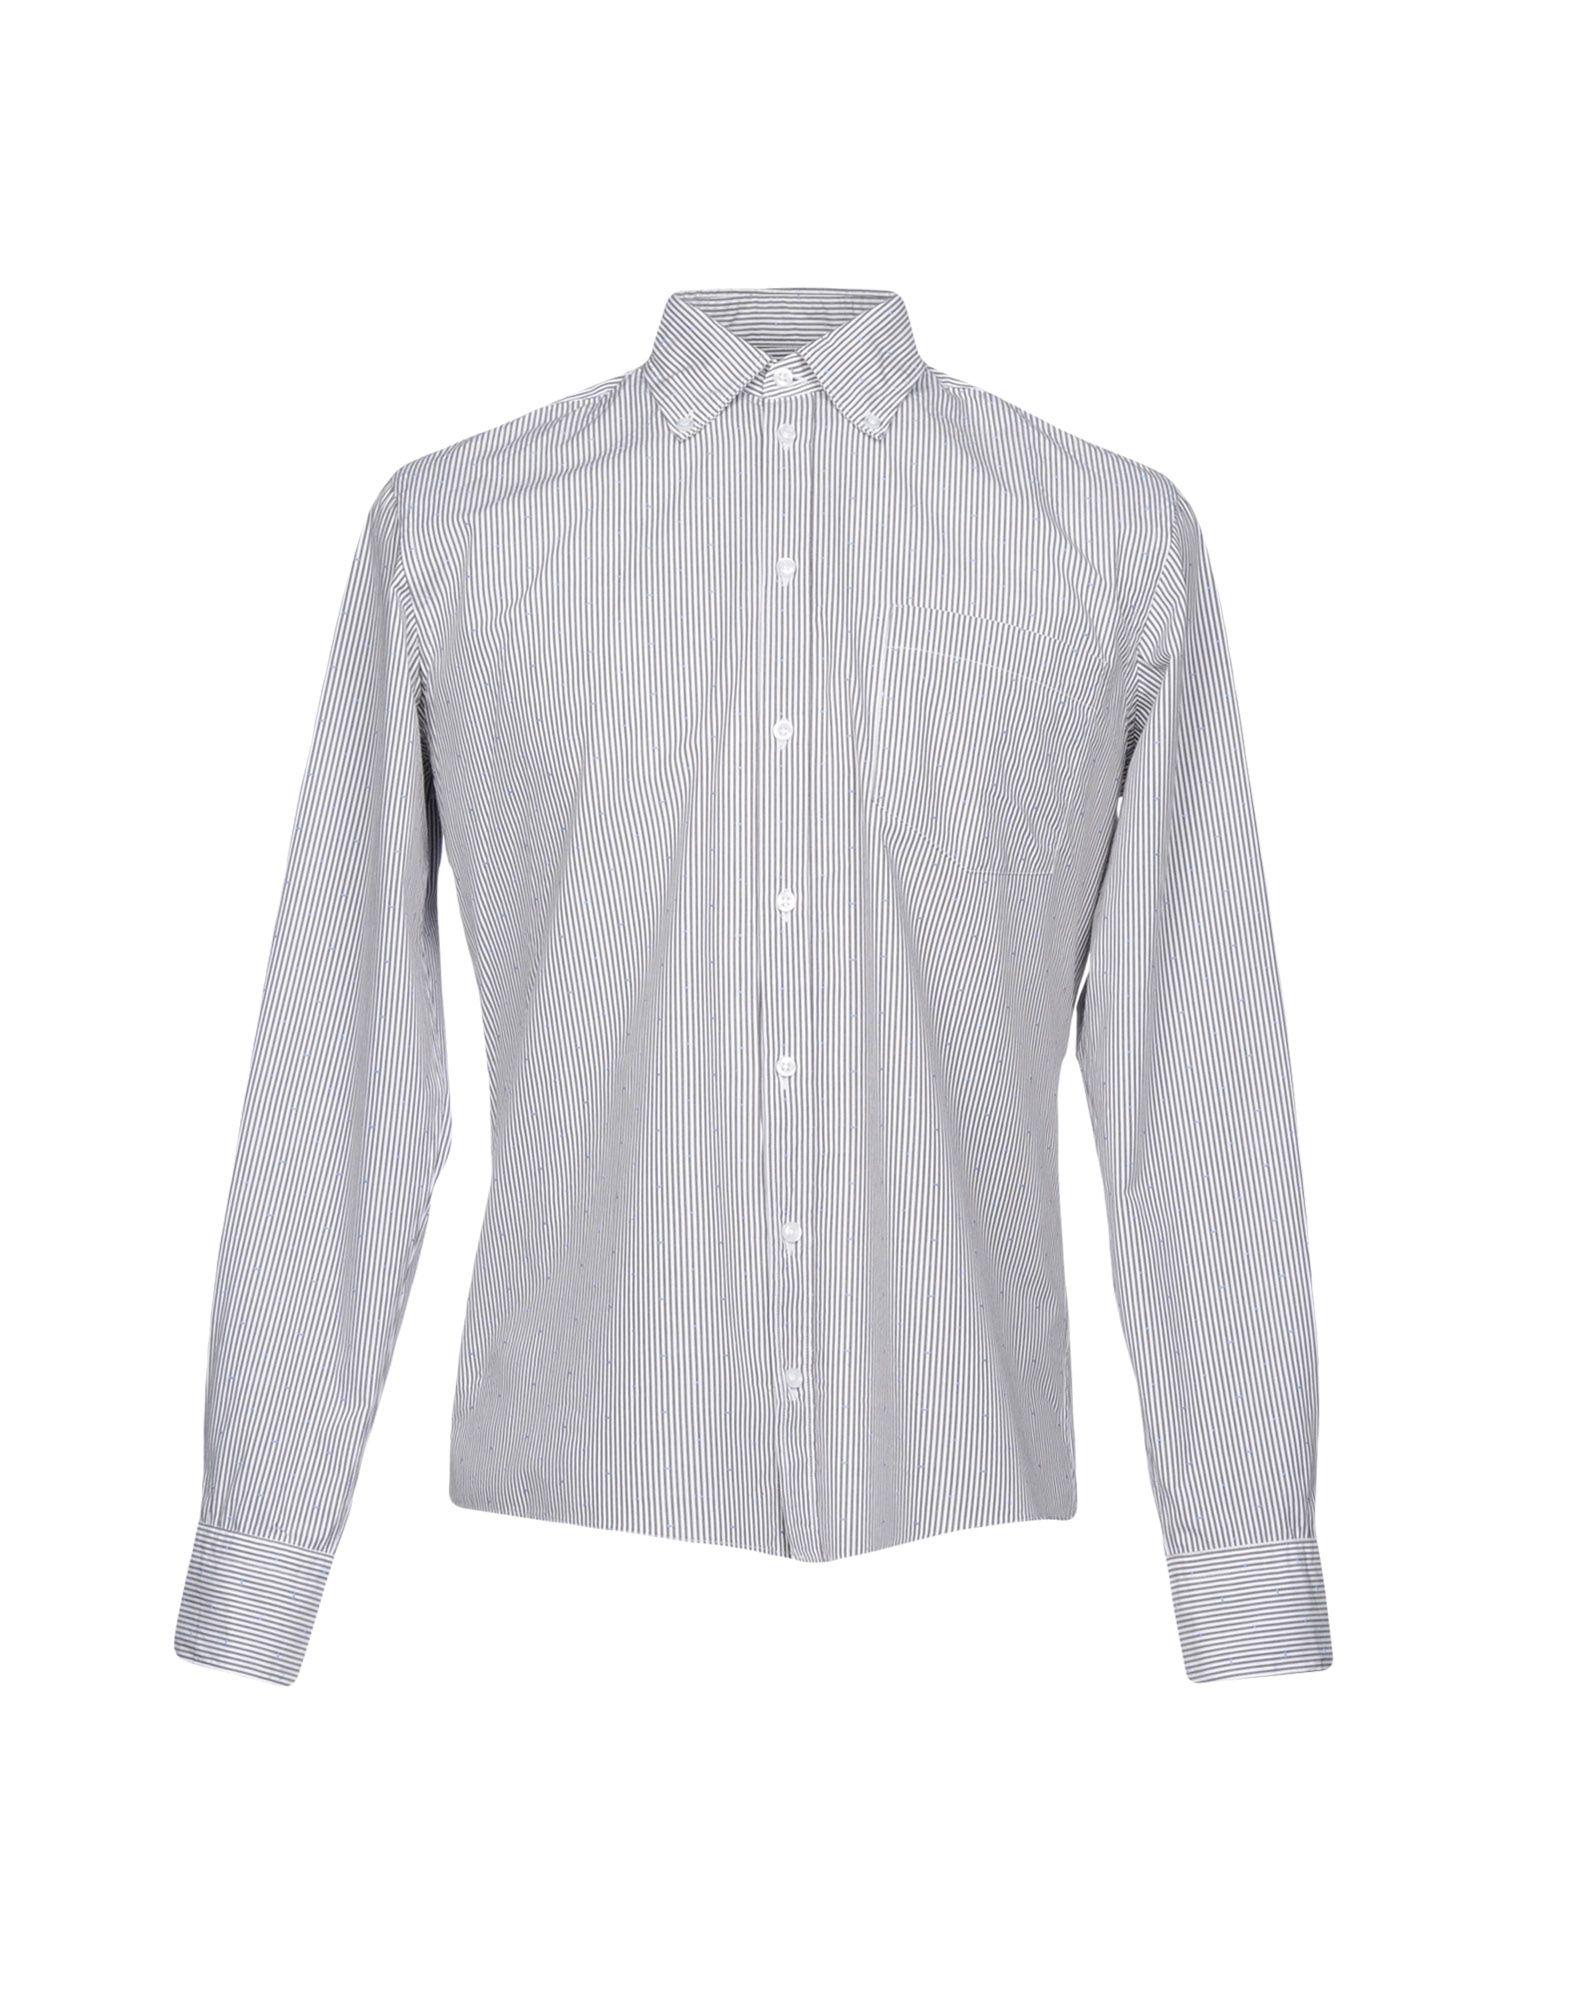 《送料無料》MAESTRAMI メンズ シャツ スチールグレー 39 コットン 100%